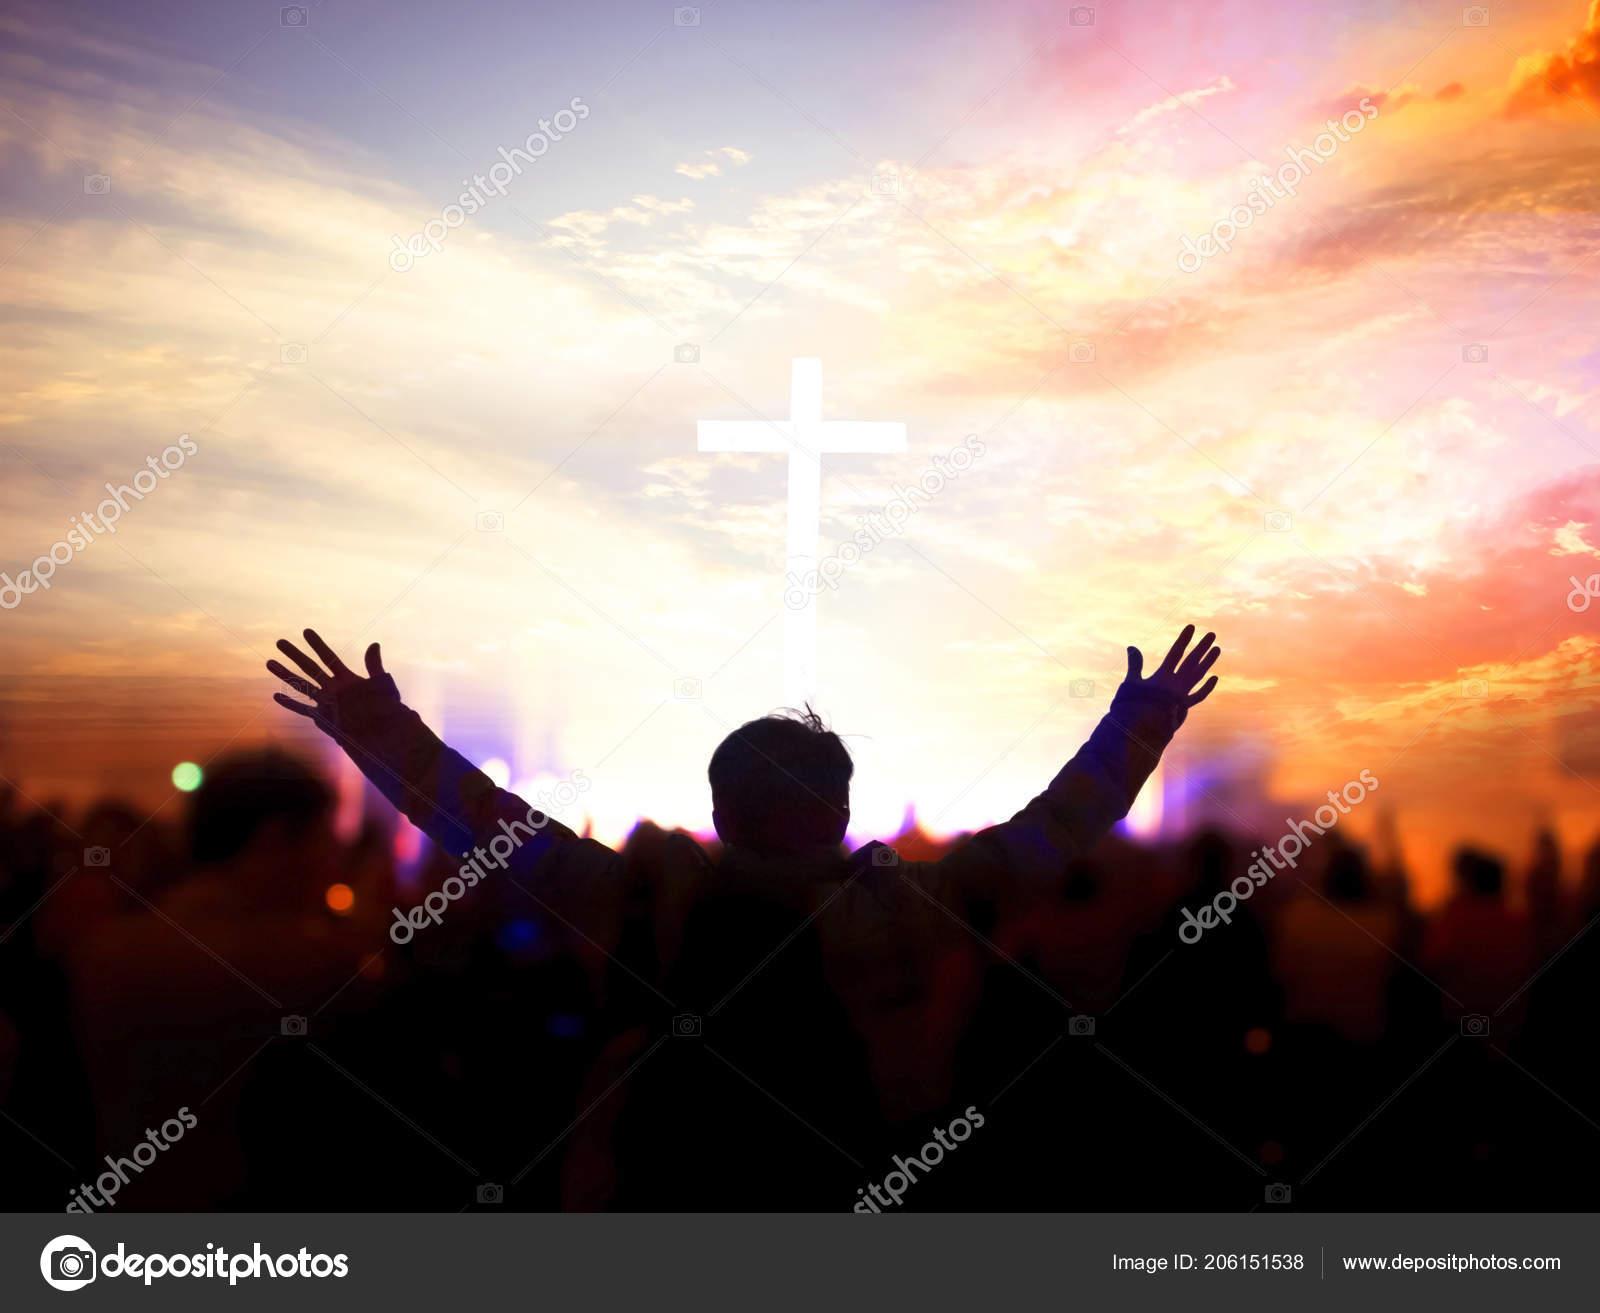 Alabanzas Cristianas De Adoracion iglesia adoración concepto cristianos levantando sus manos